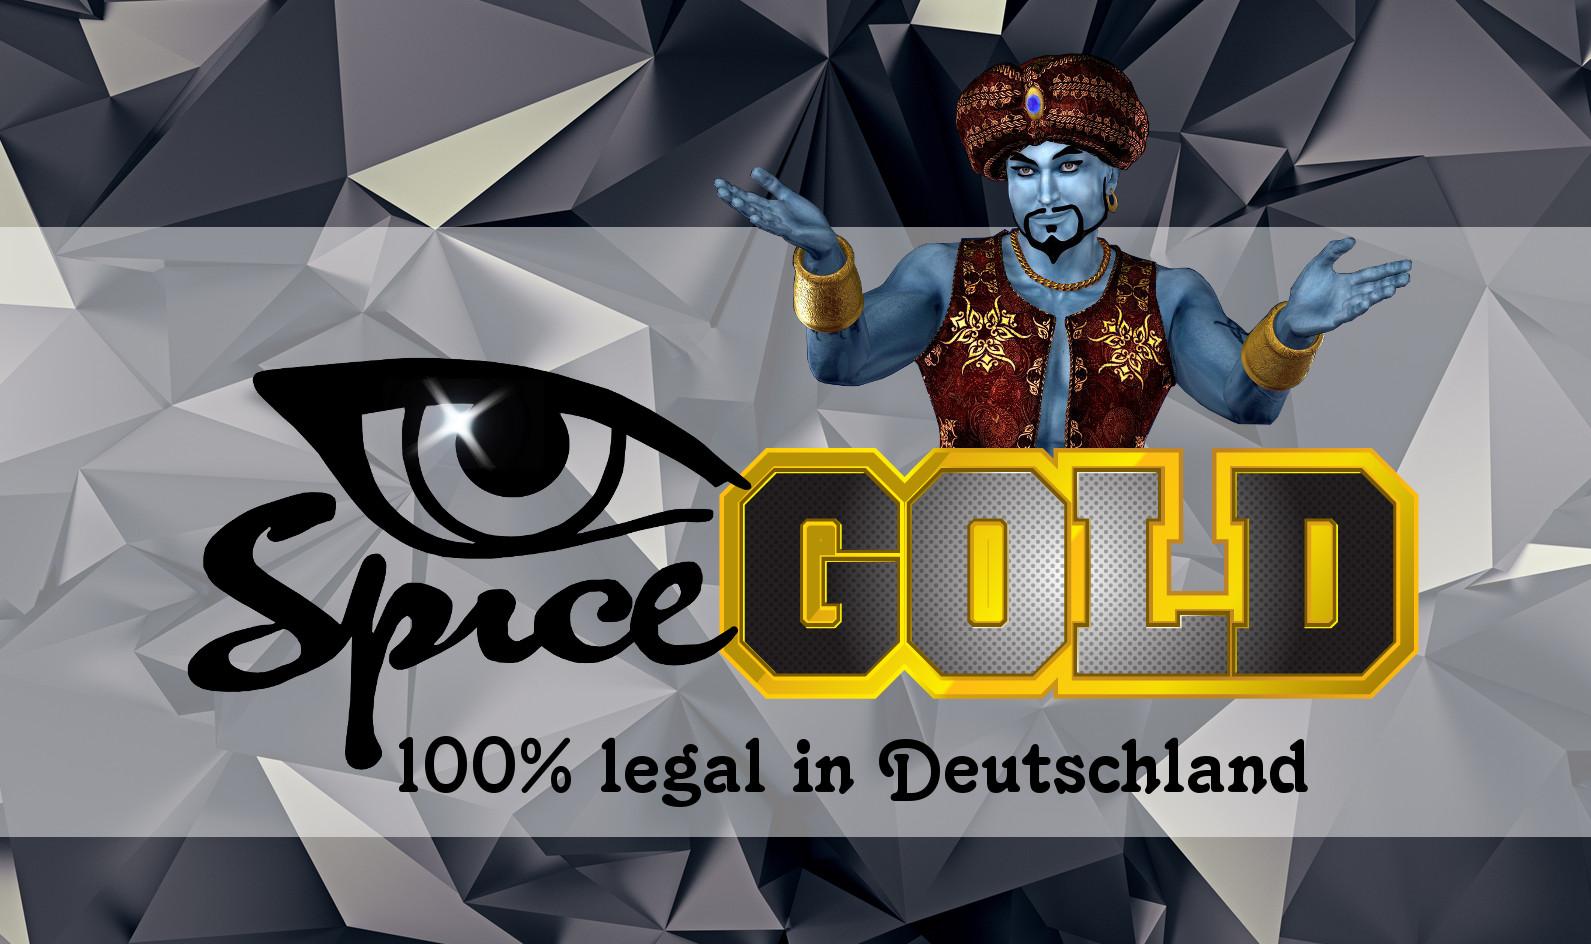 Spice gold 3g Raeuchermischung